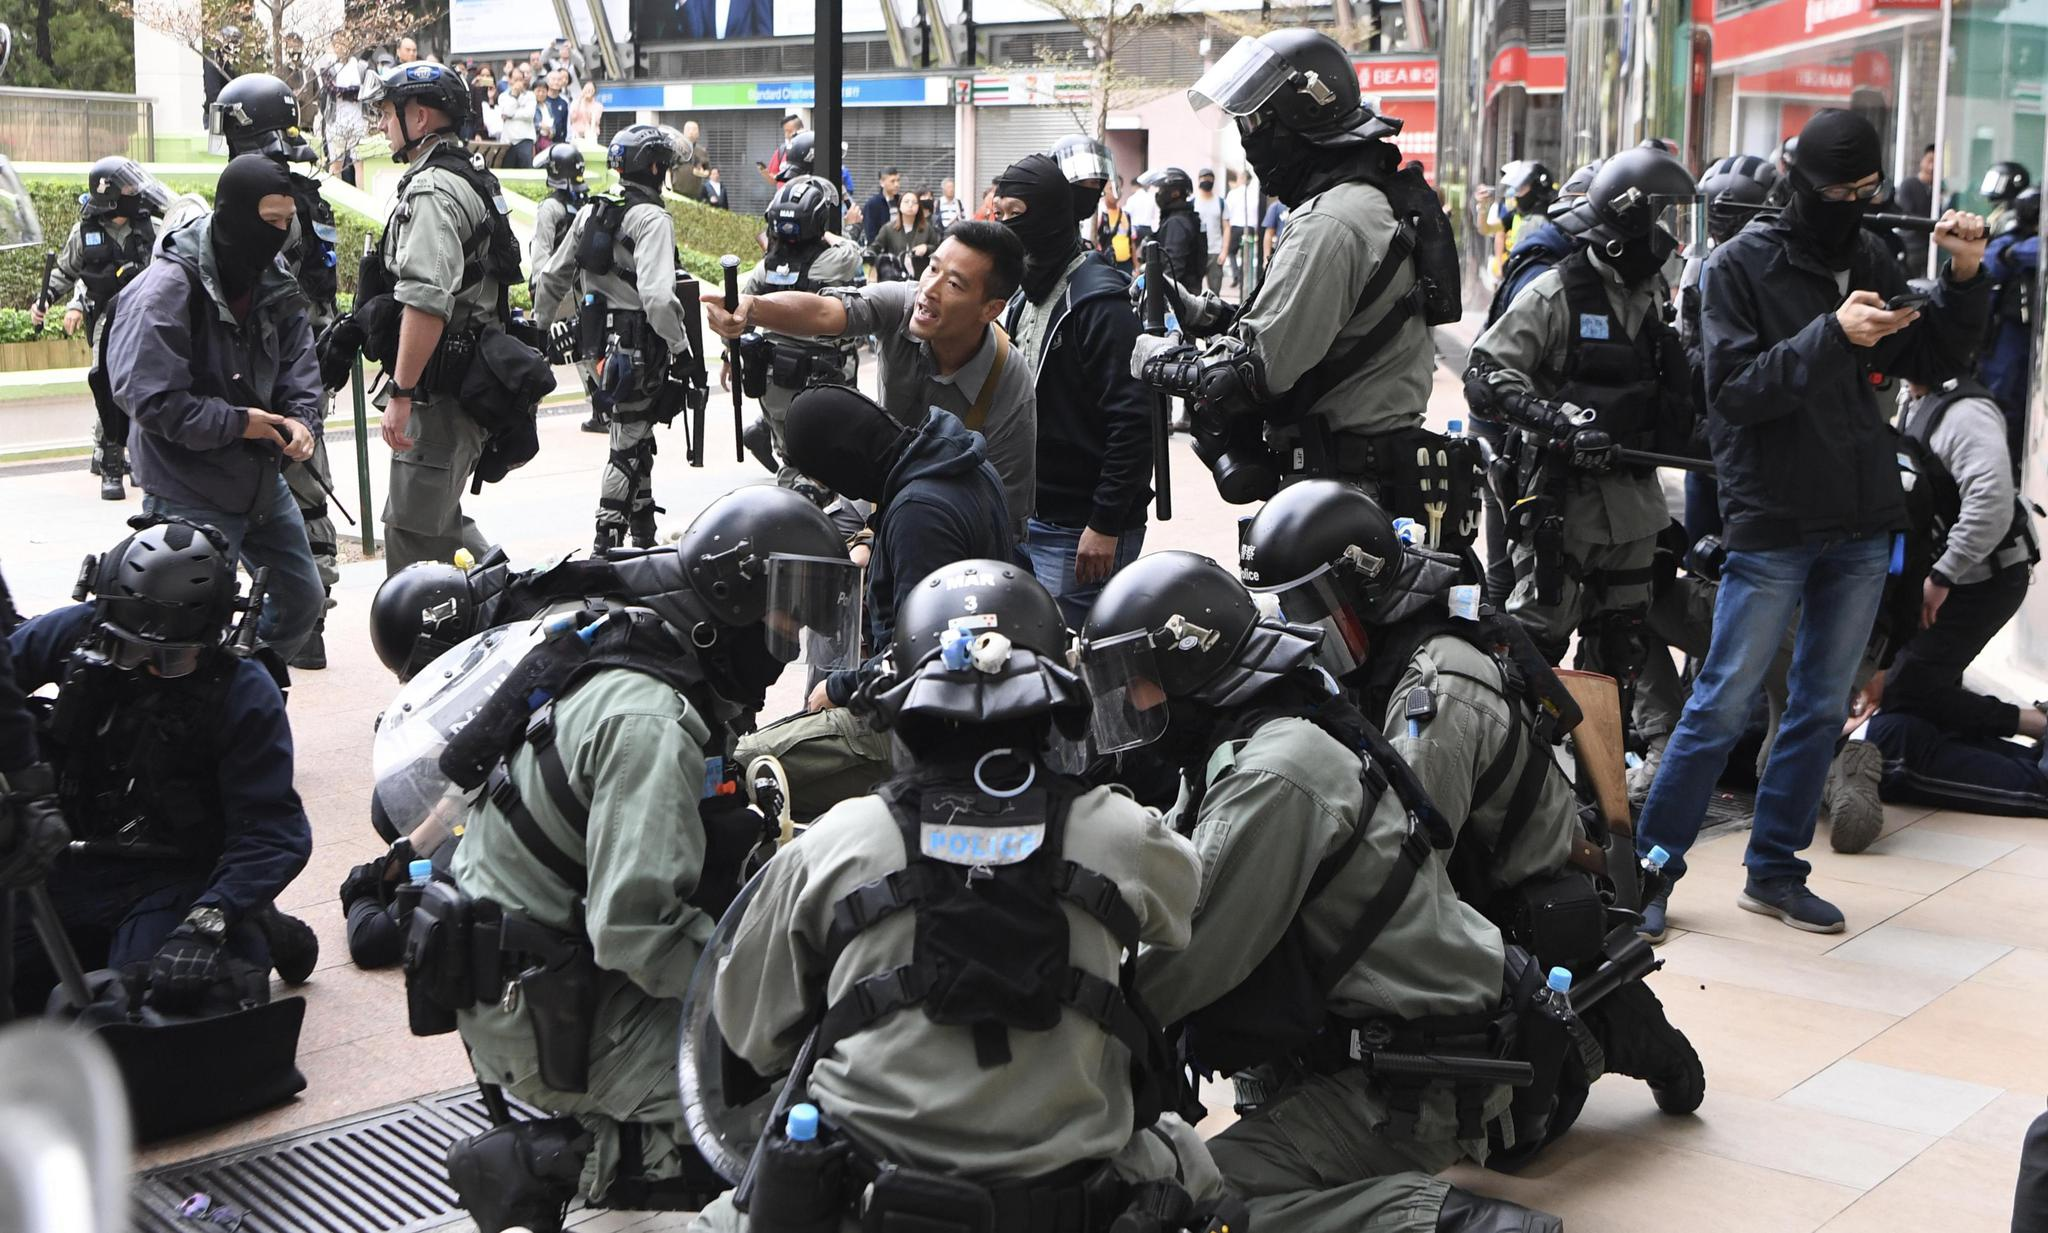 图源:香港新闻网